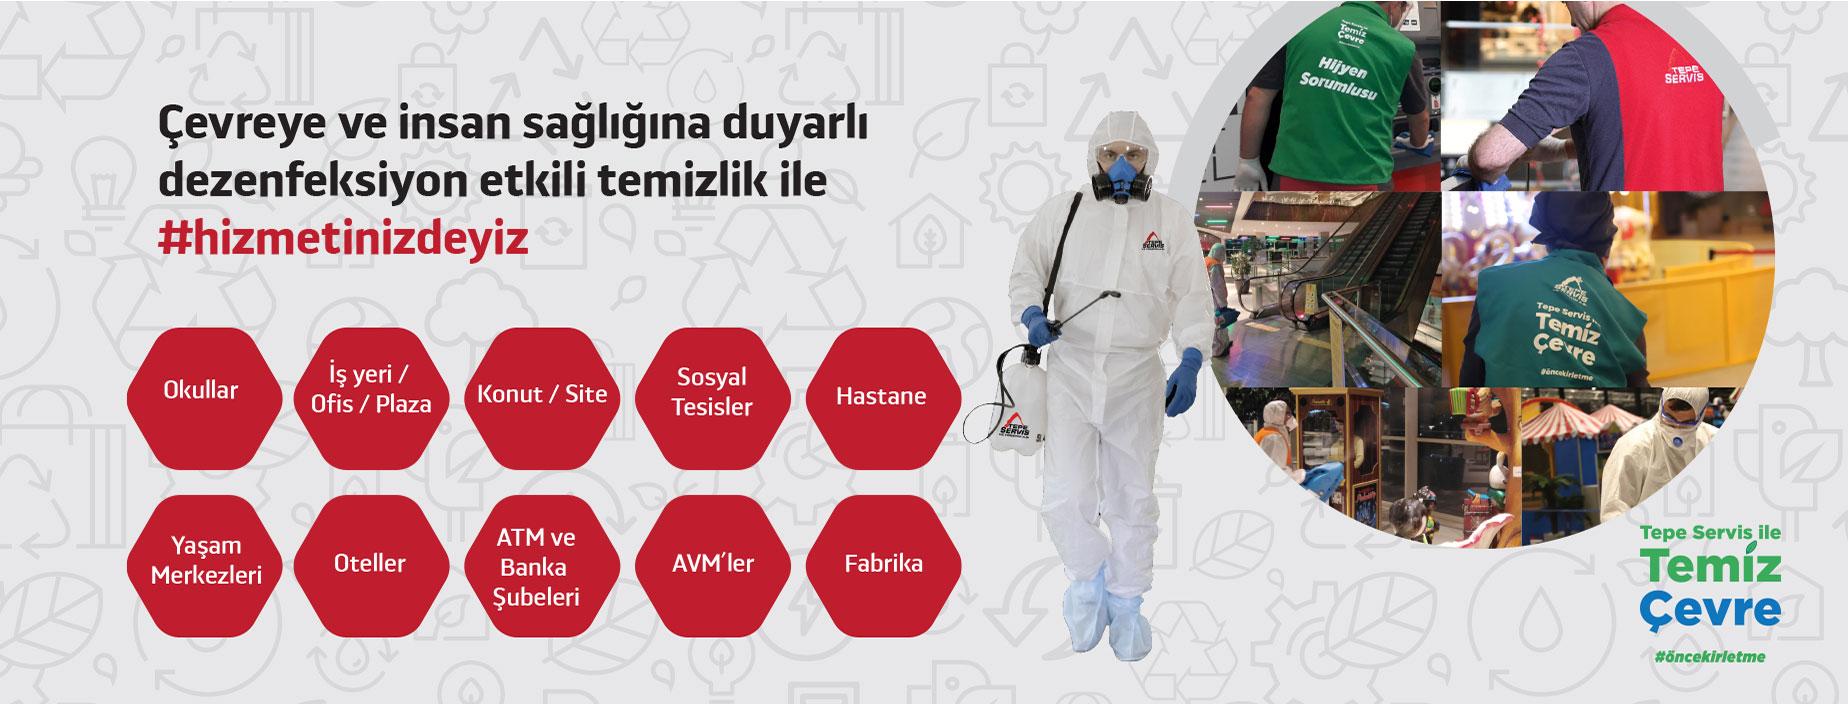 Dezenfektan etkili kimyasalar ile virüs ve salgınlardan korunun.